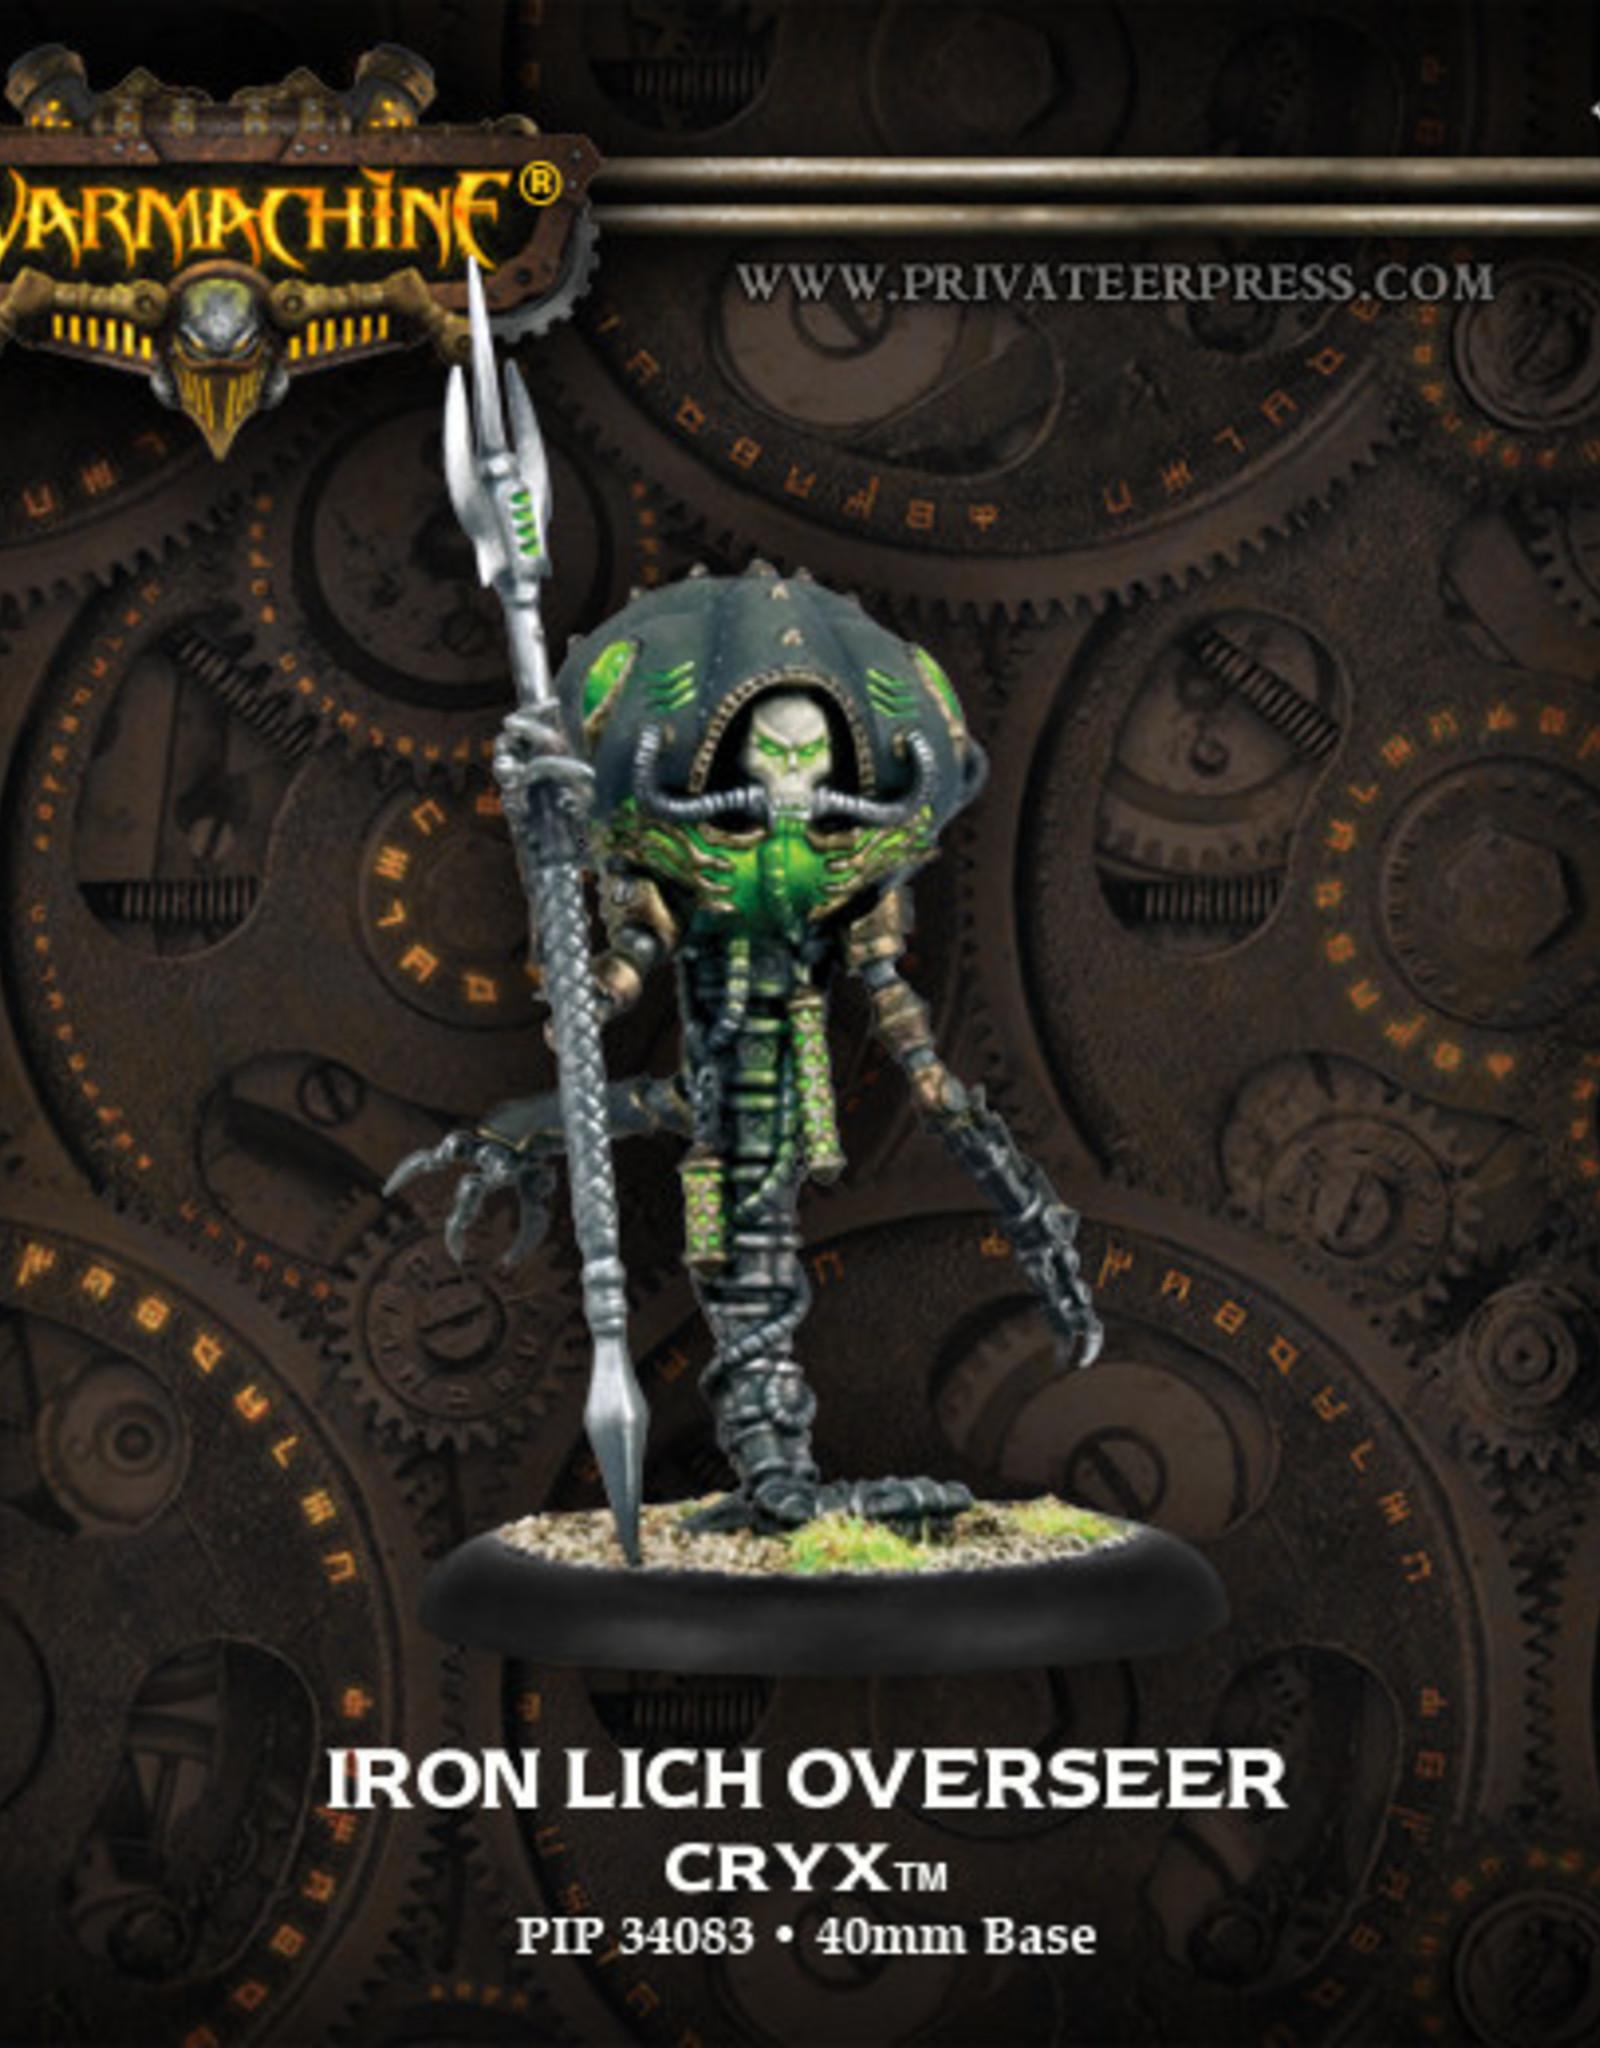 Warmachine Cryx - Iron Lich Overseer